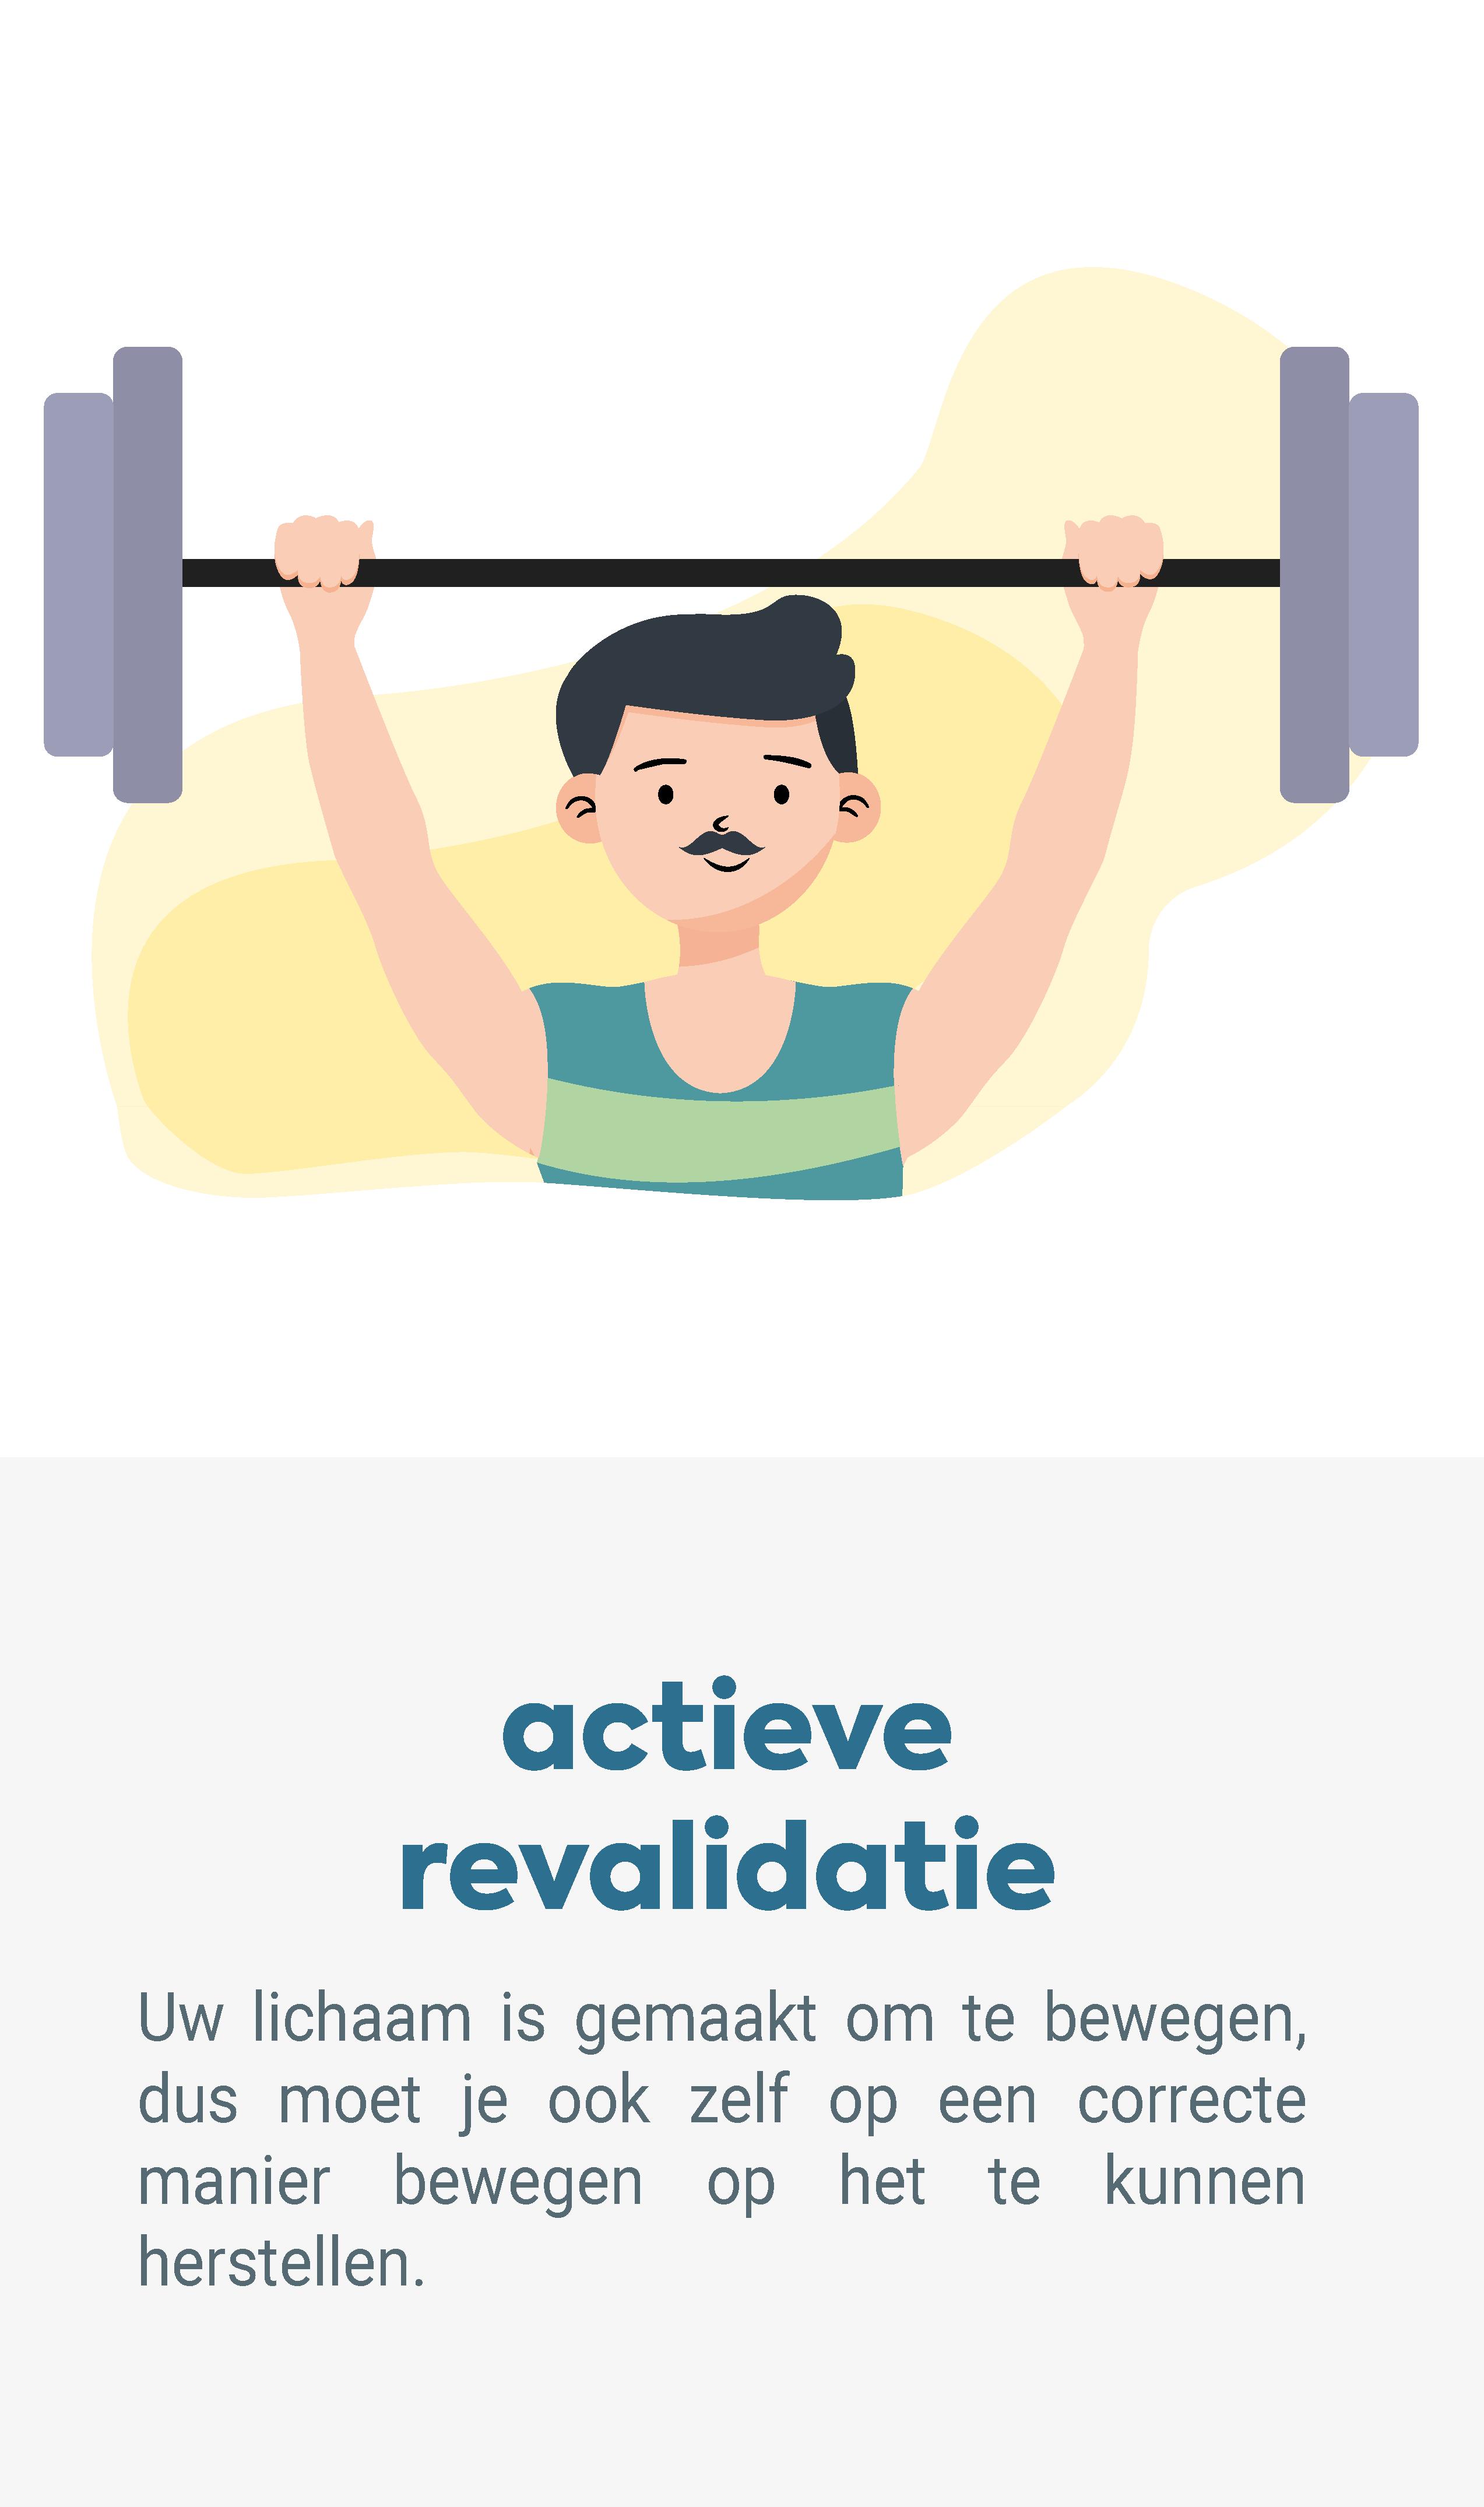 Onze visie actieve revalidatie. Uw lichaam is gemaakt om te bewegen, dus moet je ook zelf op een correcte manier bewegen op het te kunnen herstellen.